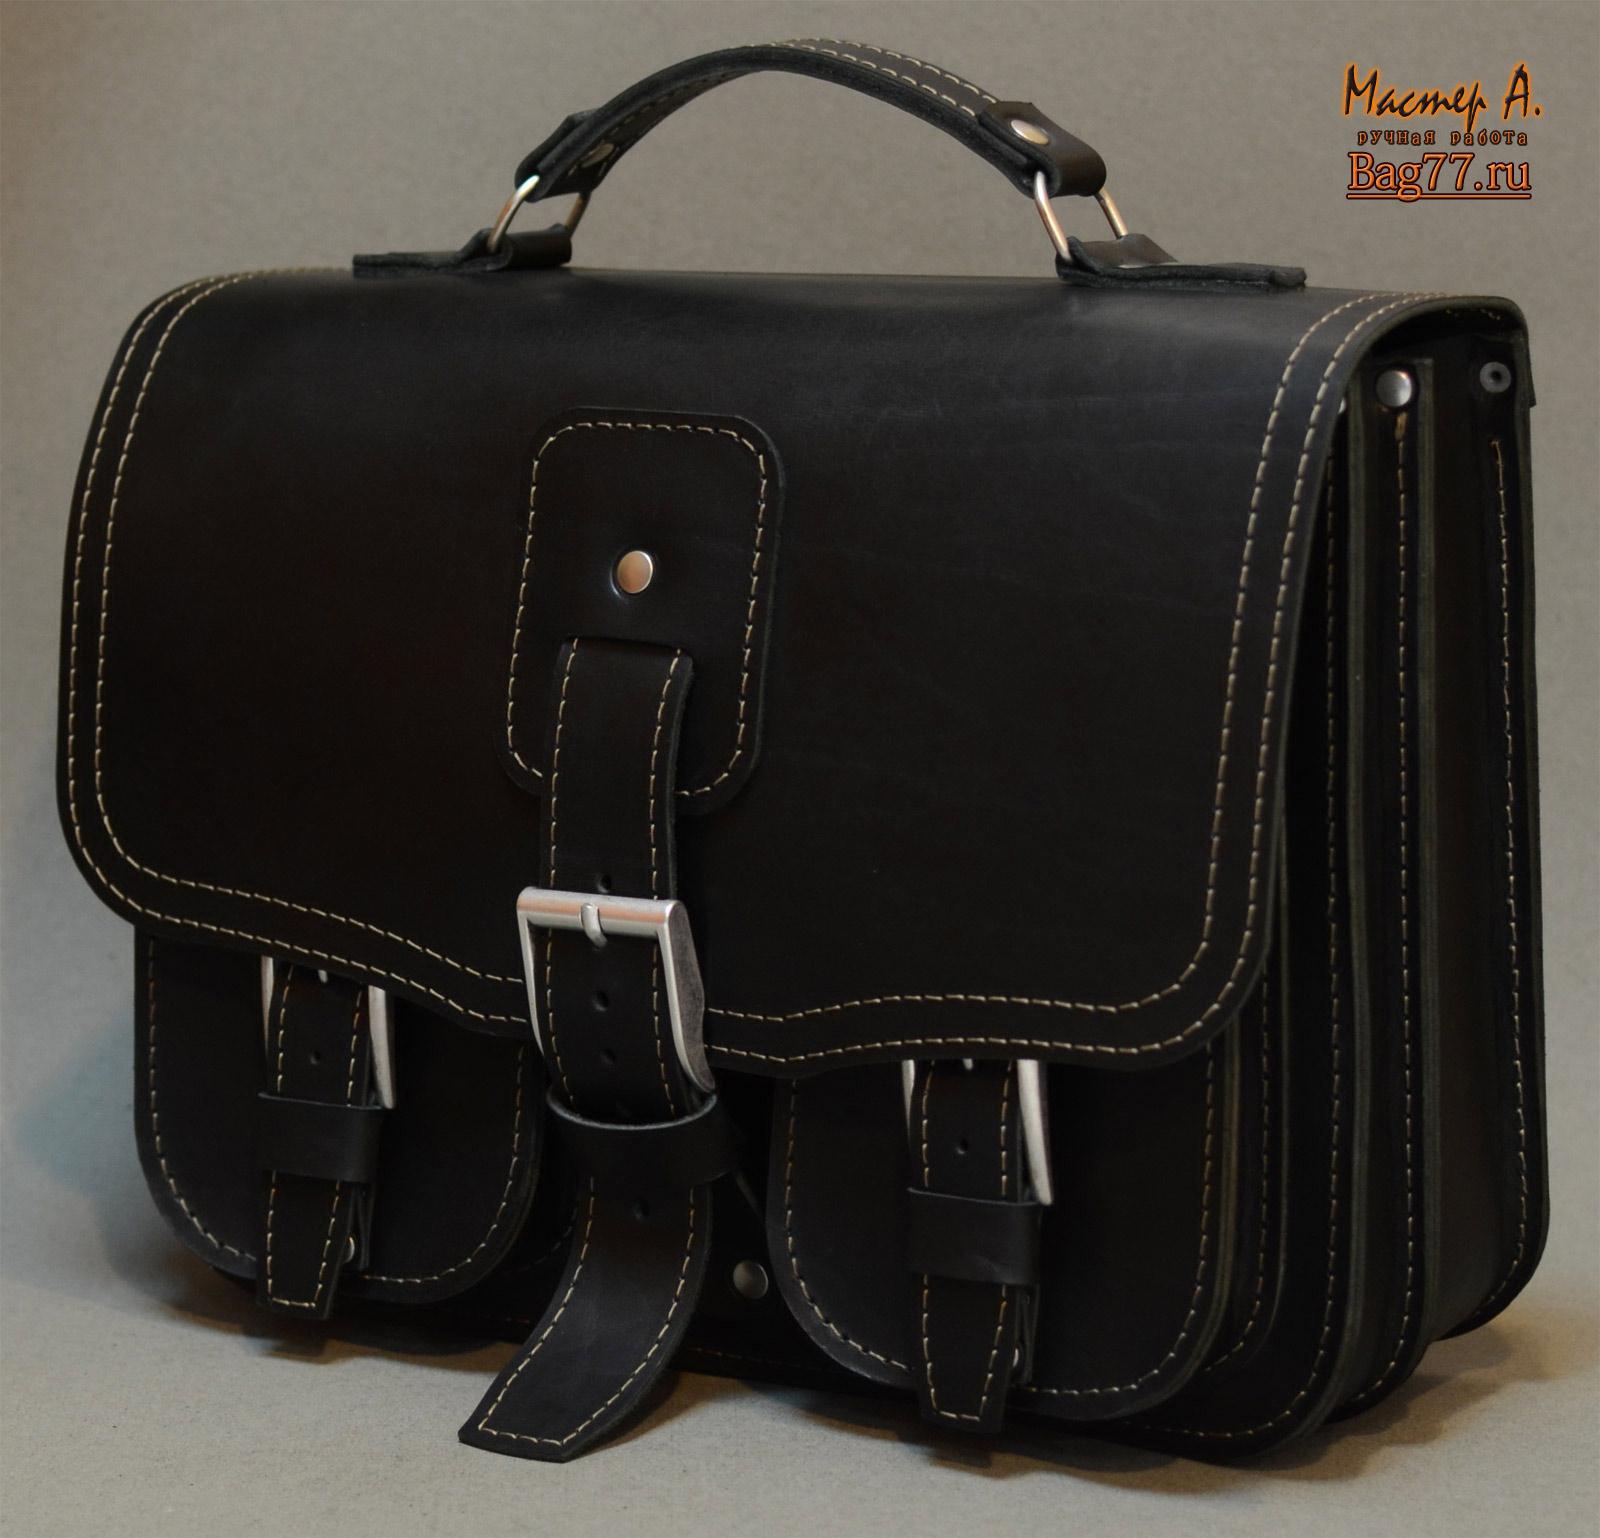 6e27a51a3437 Стильный мужской черный портфель ручной работы « Bag77.ru — кожаные ...